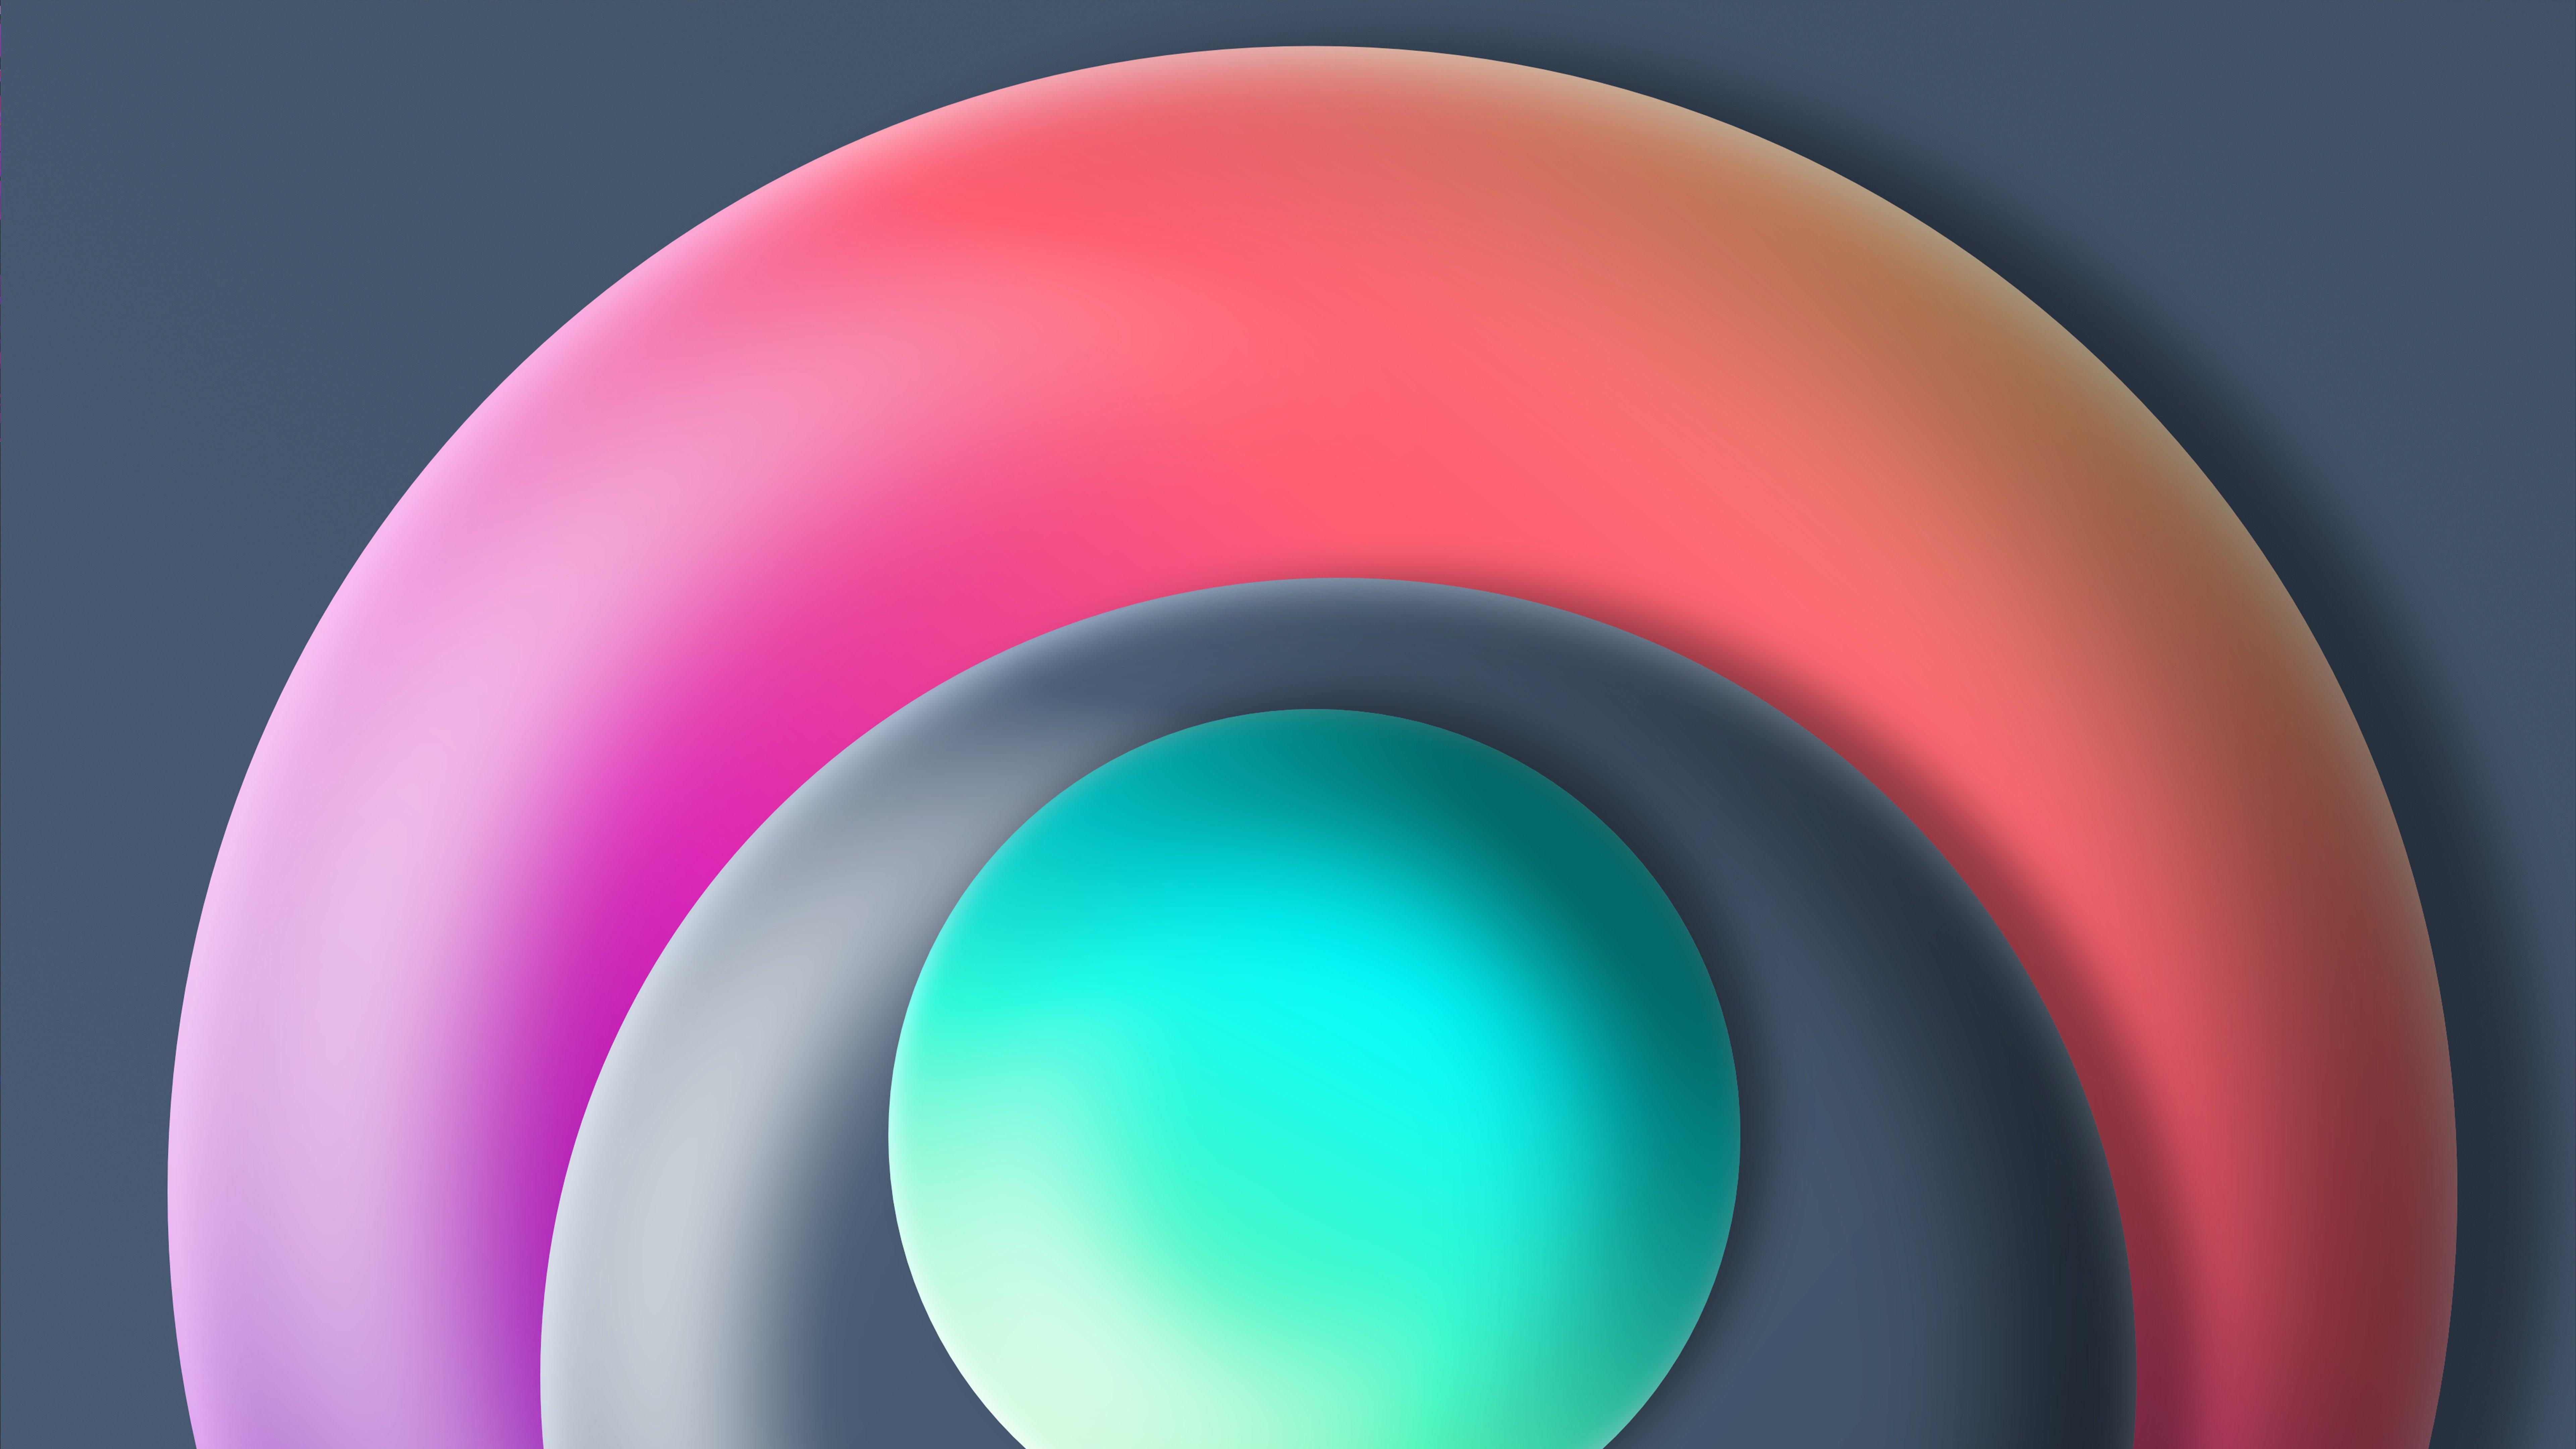 Fondos de pantalla Circulos en 3D